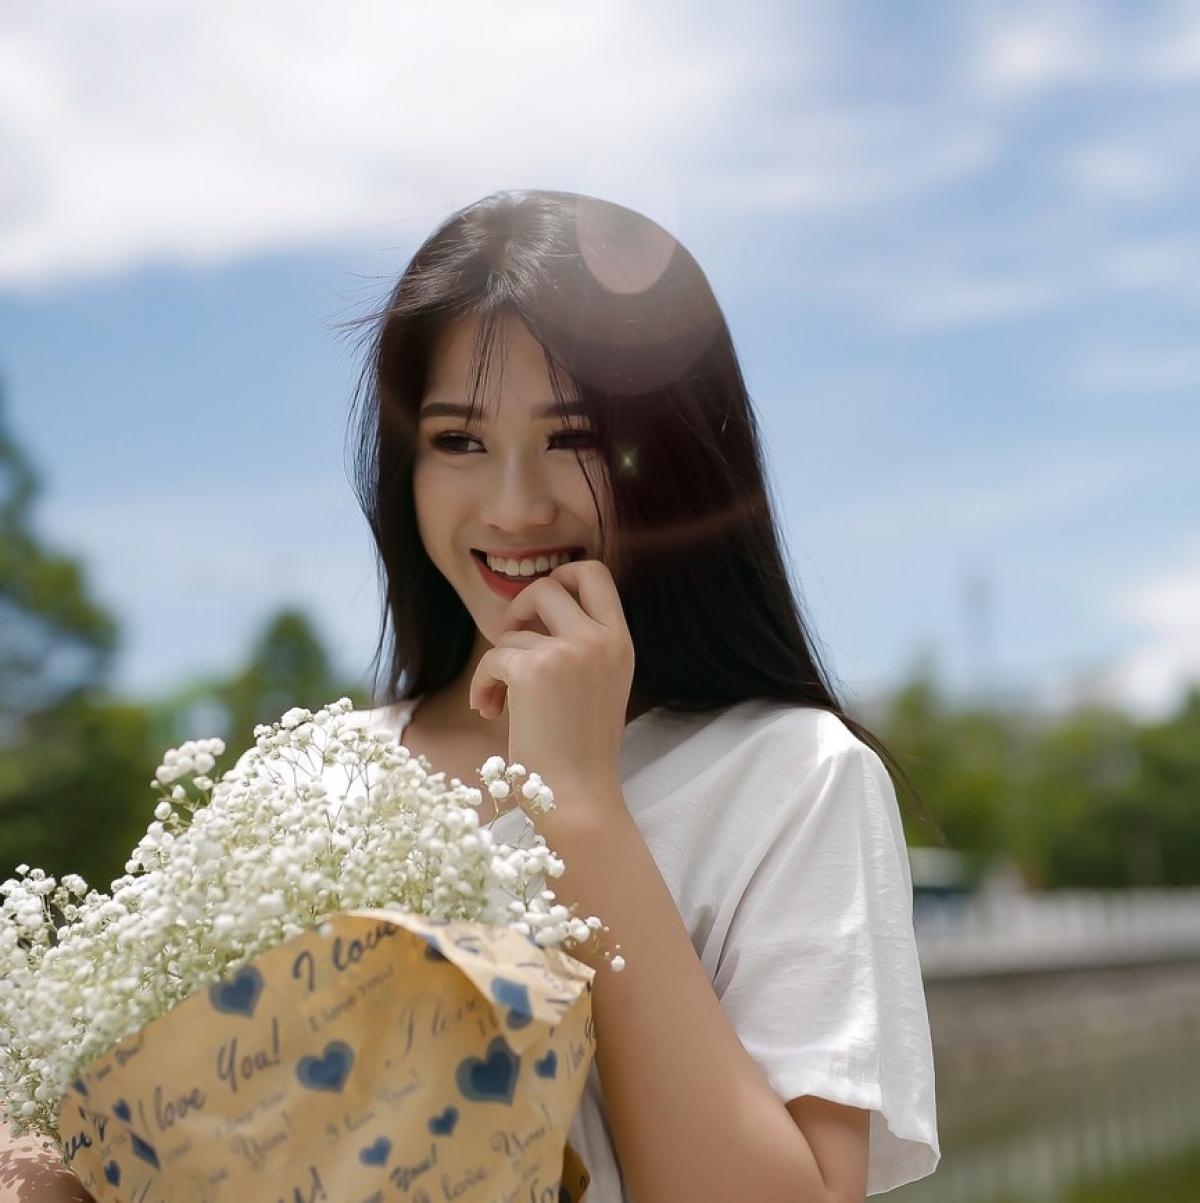 Đỗ Thị Hà là con gái út trong một gia đình có ba anh chị em tại Thanh Hóa. Hiện người đẹp theo học ngành Luật Kinh doanh, Đại học Kinh tế Quốc dân./.